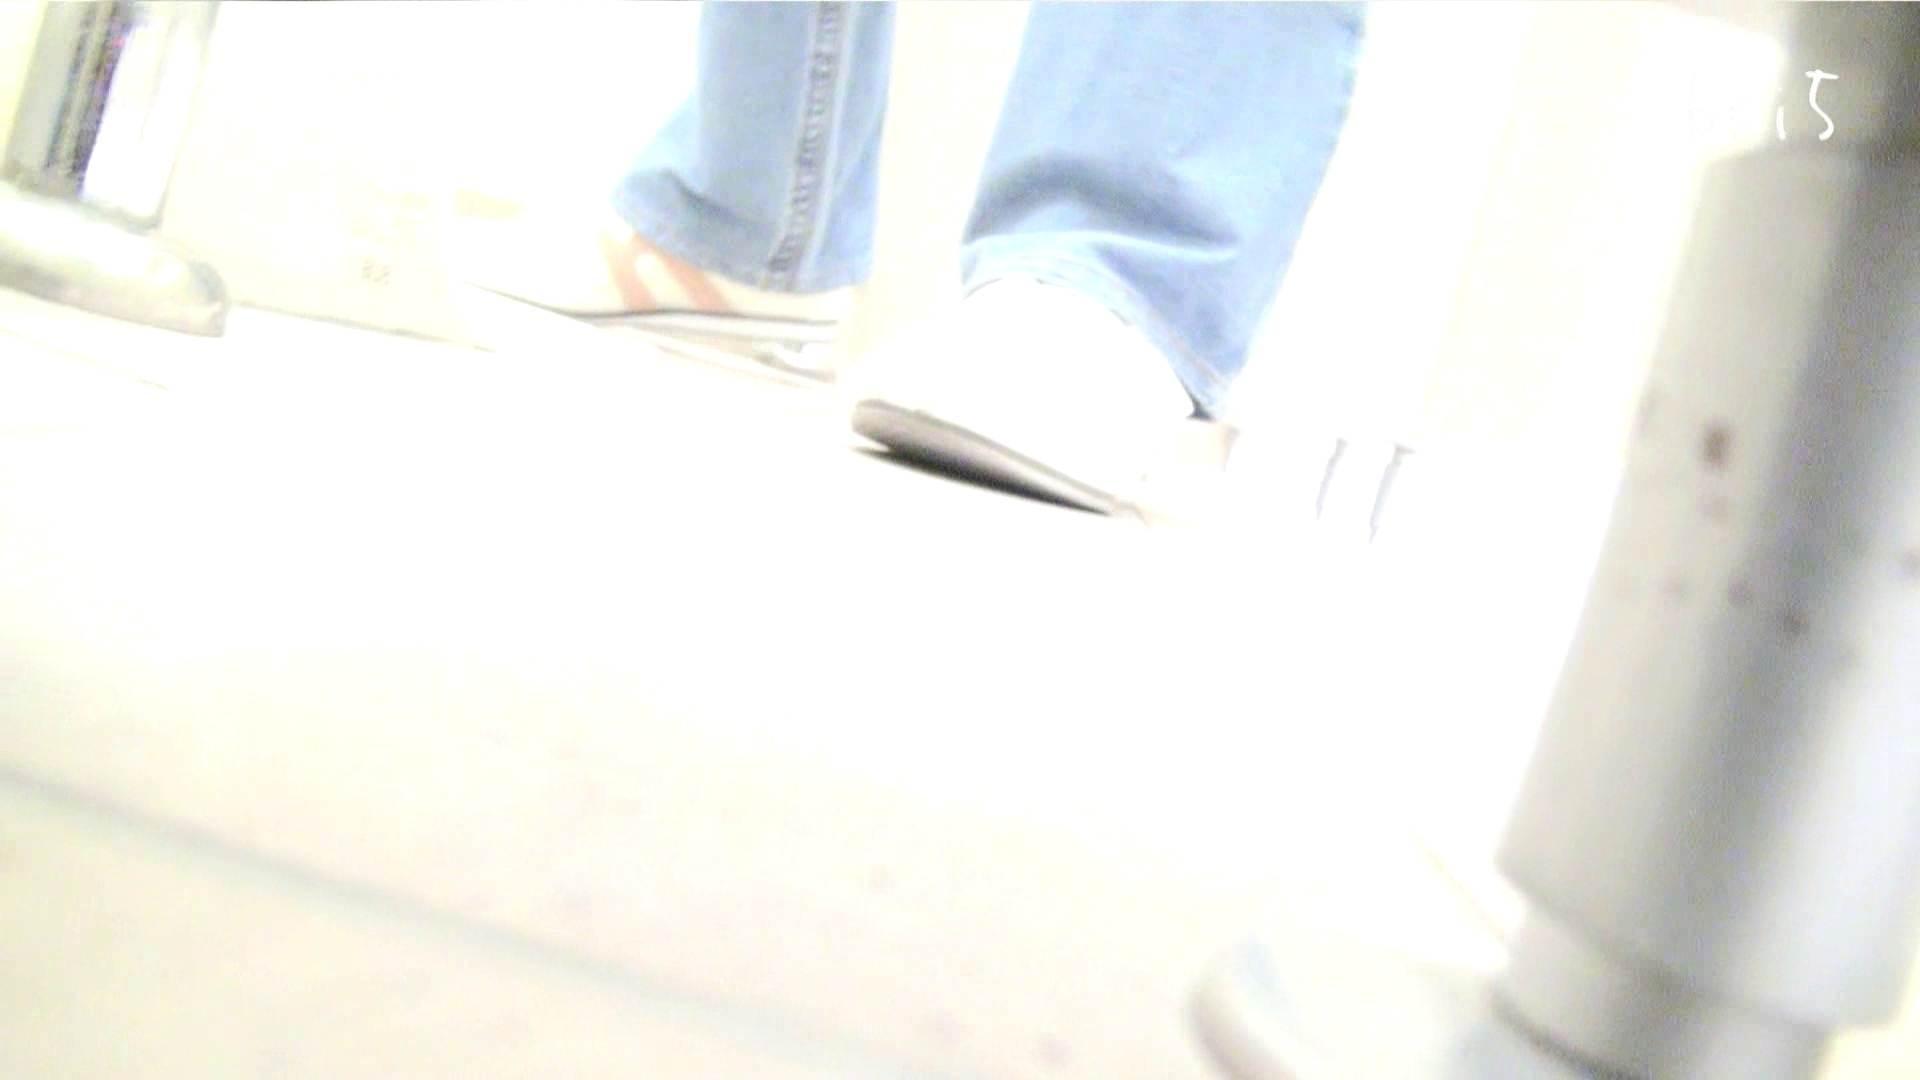 ナースのお小水 vol.005 ナースのエロ動画   お姉さんの下半身 のぞき 112PIX 103